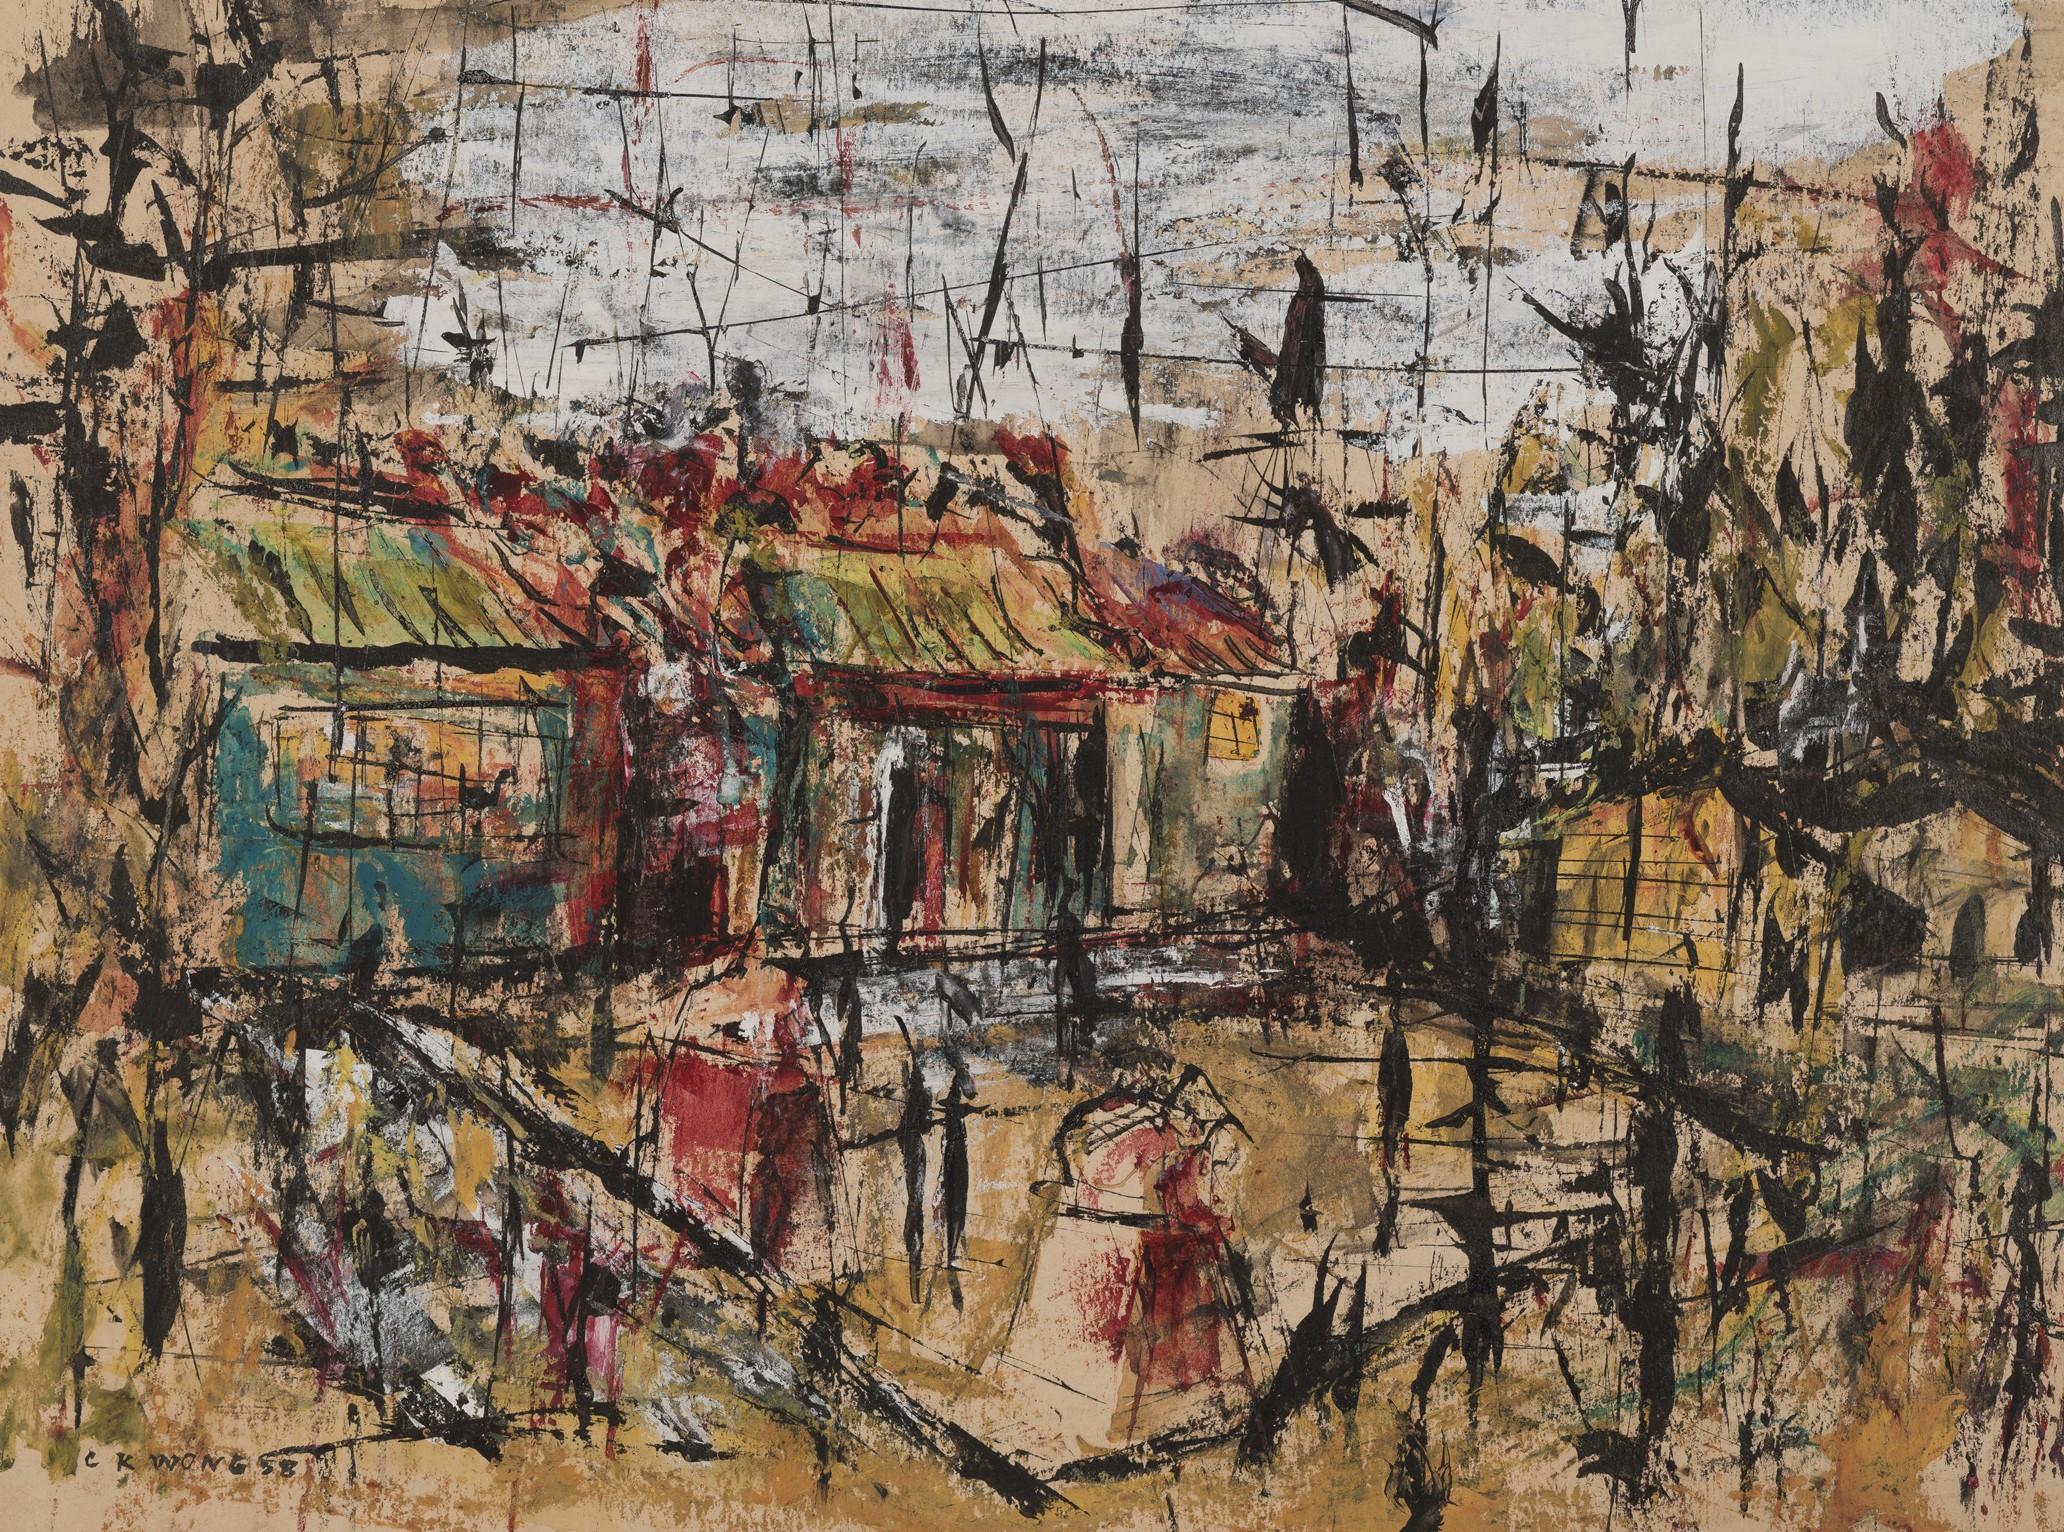 村景 1958年 水墨、水彩纸本 艺术家惠赠